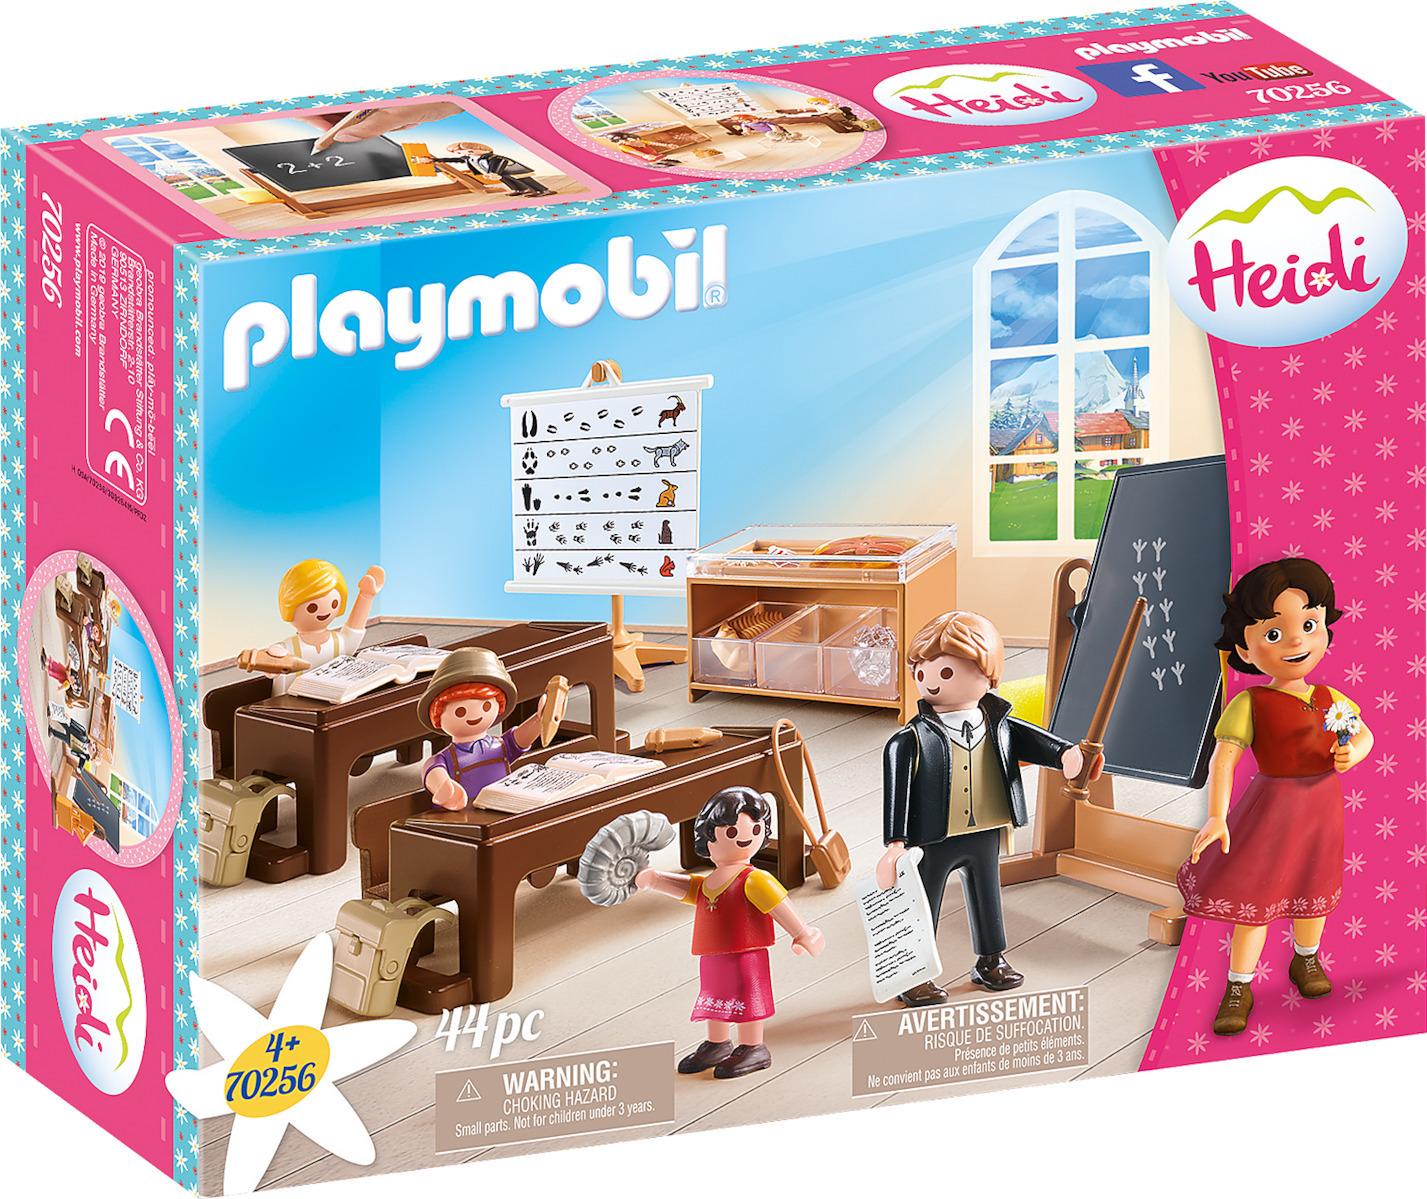 Playmobil Heidi Η Τάξη Της Χάιντι 70256